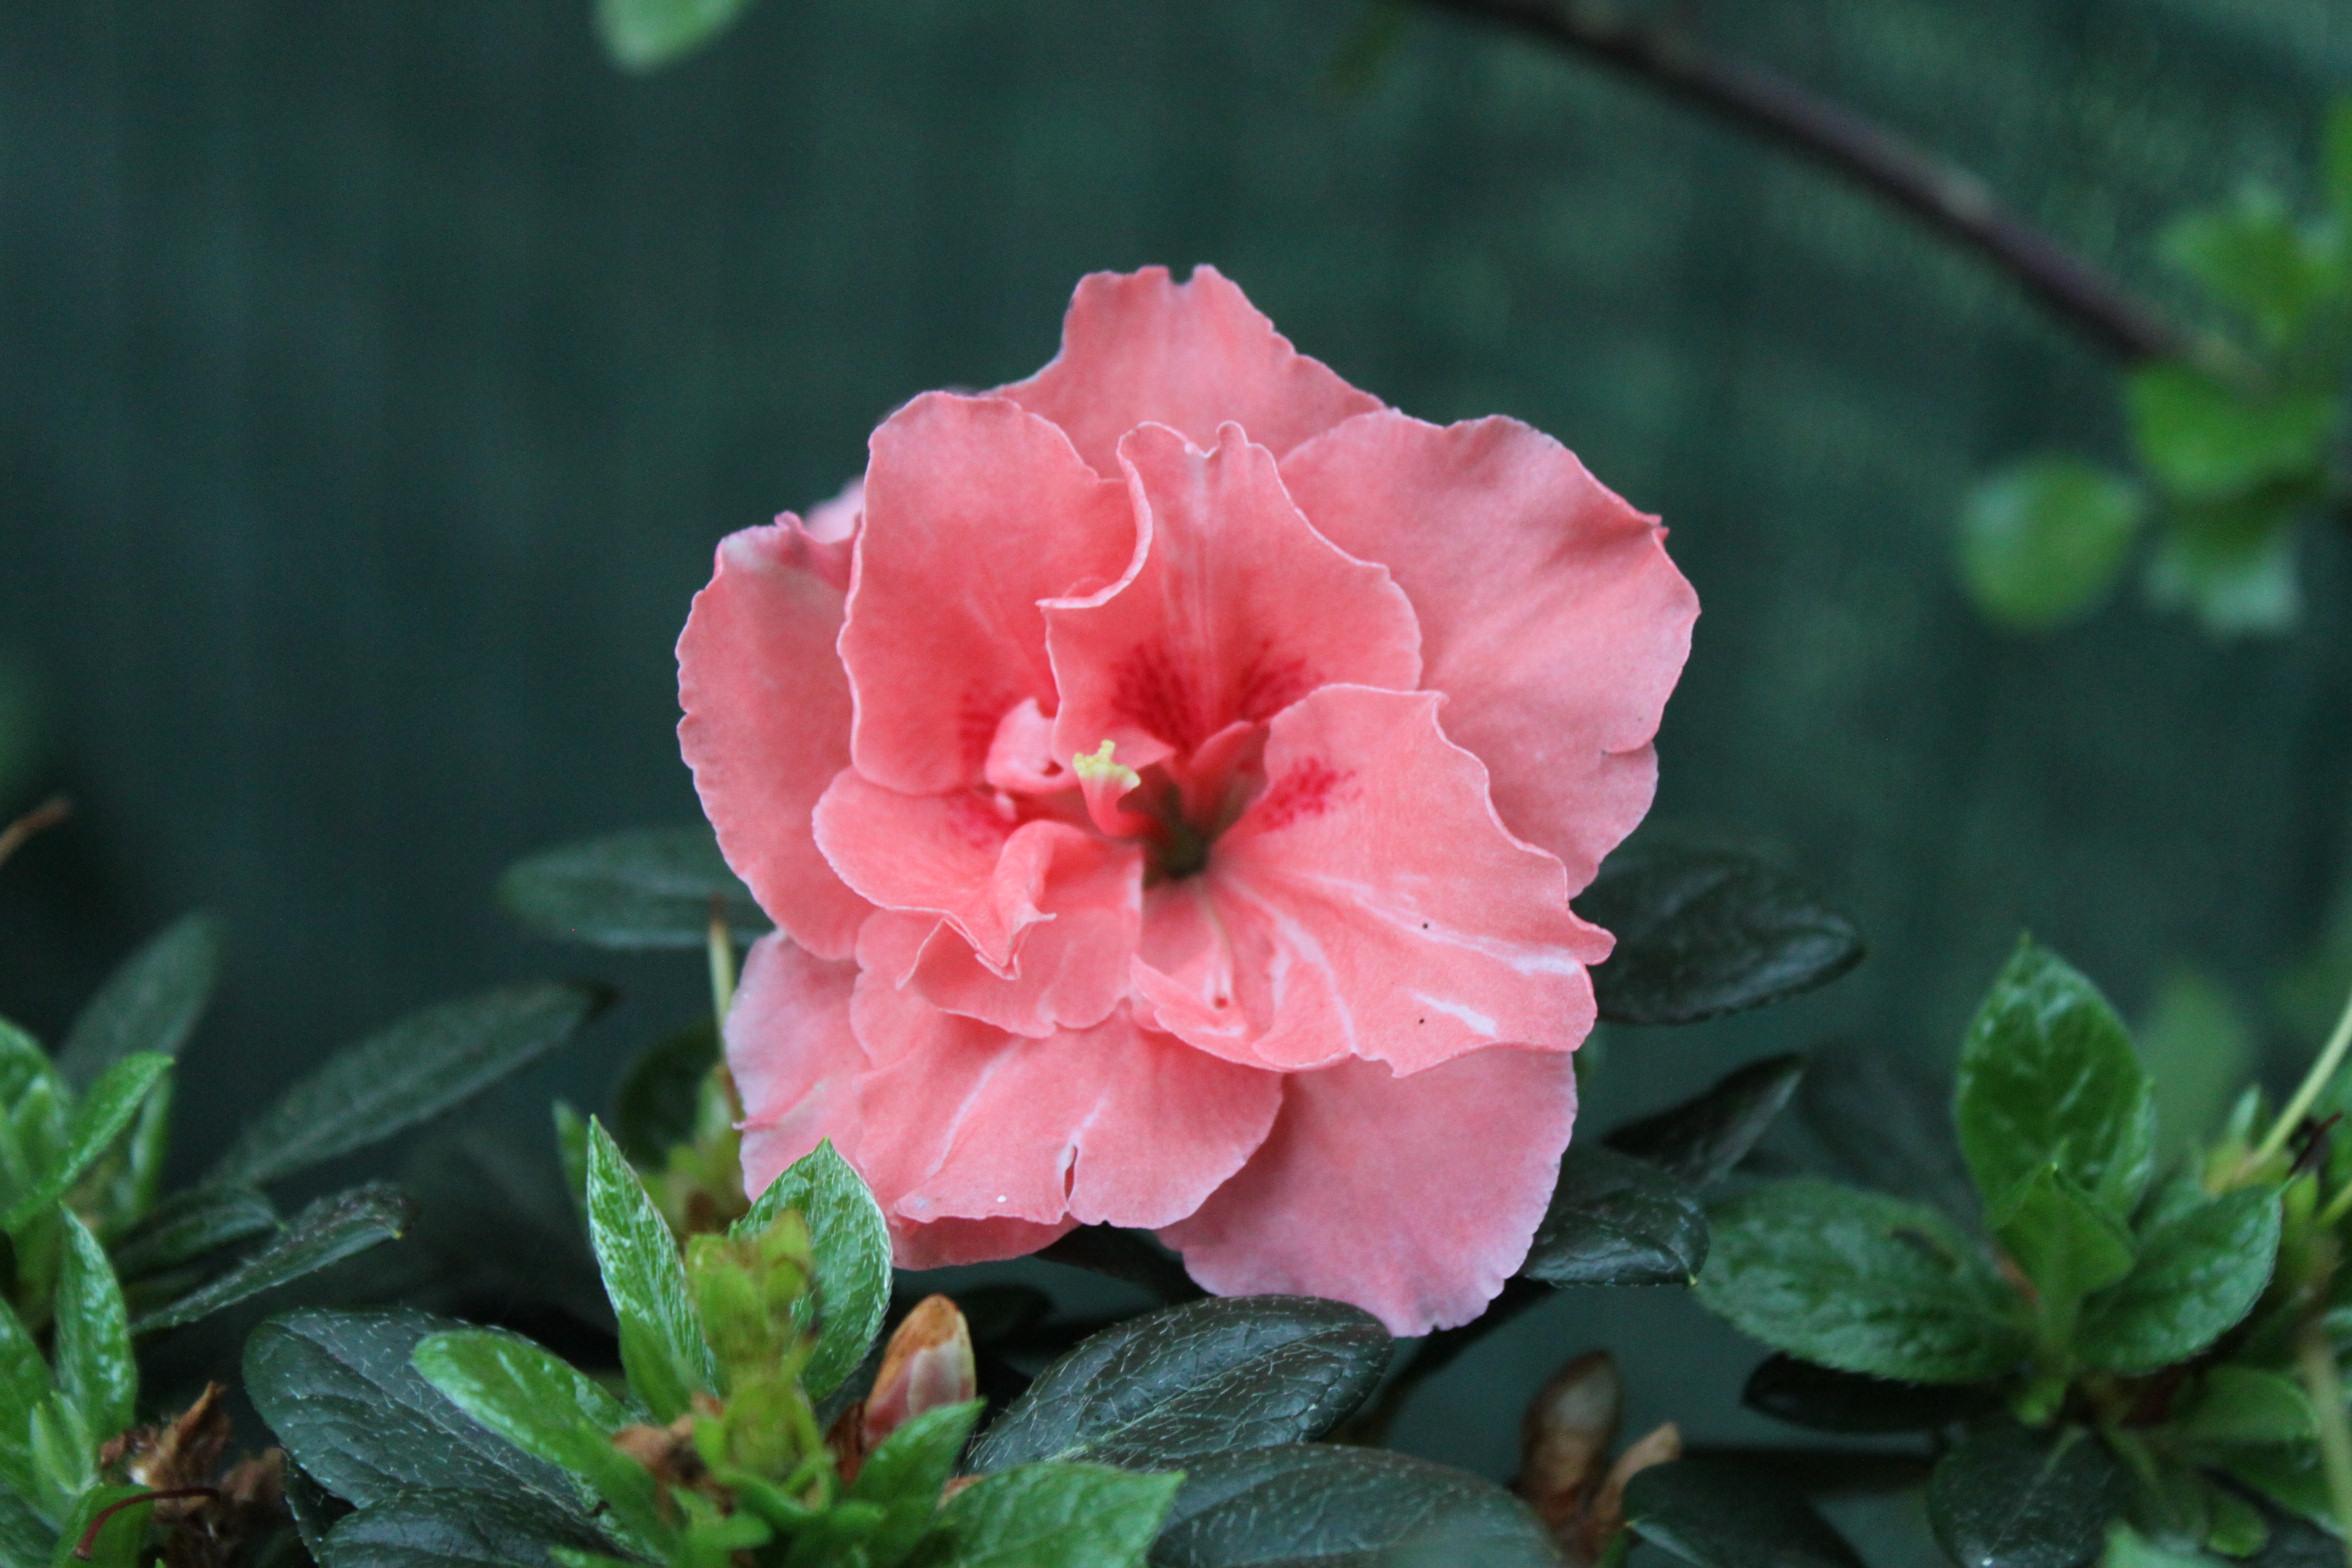 Großartig Blumen Mai Referenz Von San Luigi Genommen Nur Ein Paar Klicks